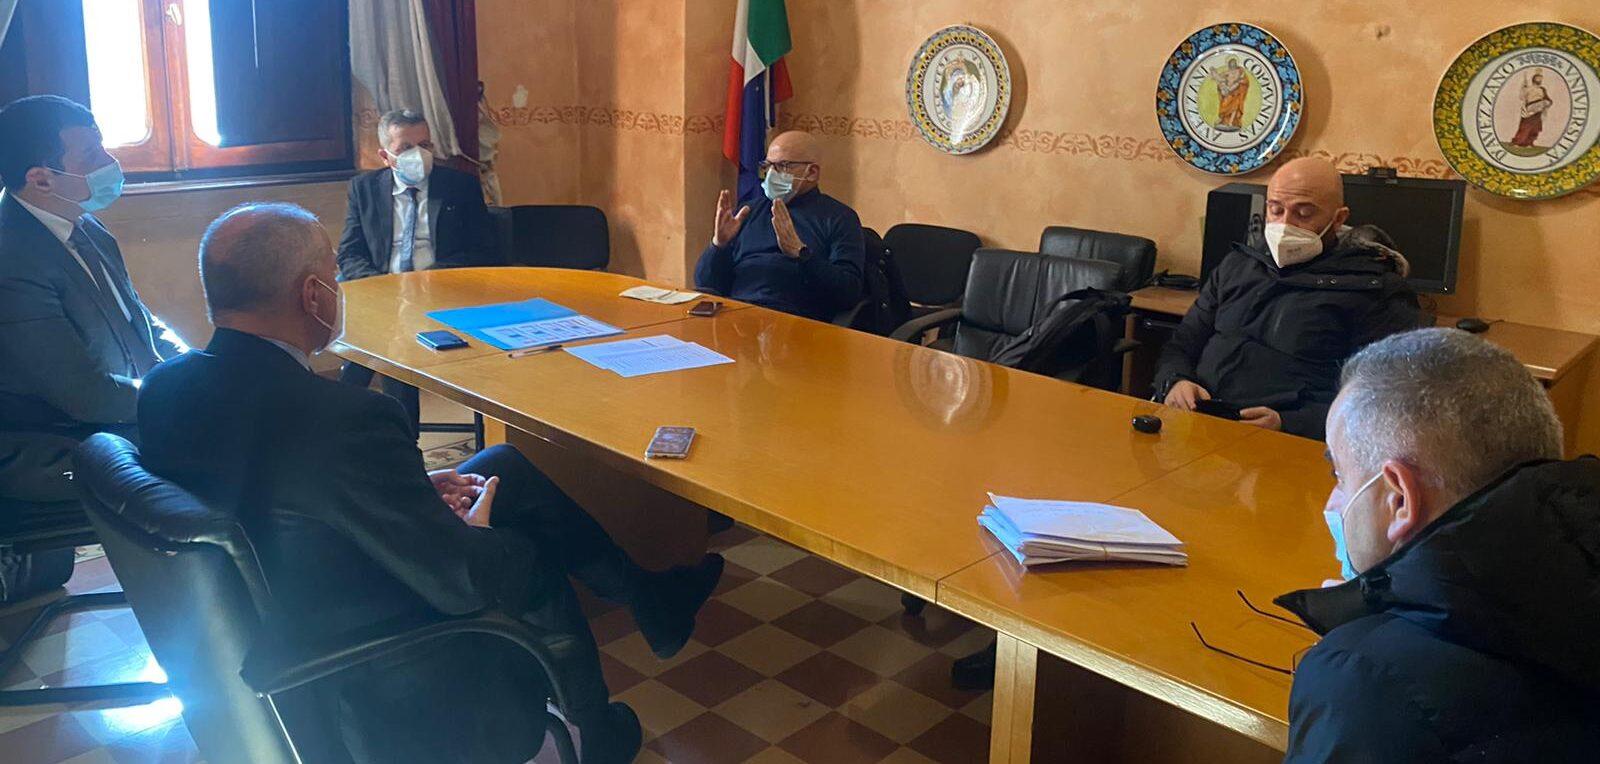 """Sismabonus, Di Pangrazio riceve il Presidente Ater Isidori: """"Lavoriamo insieme per alloggi più sicuri e rinnovati"""""""